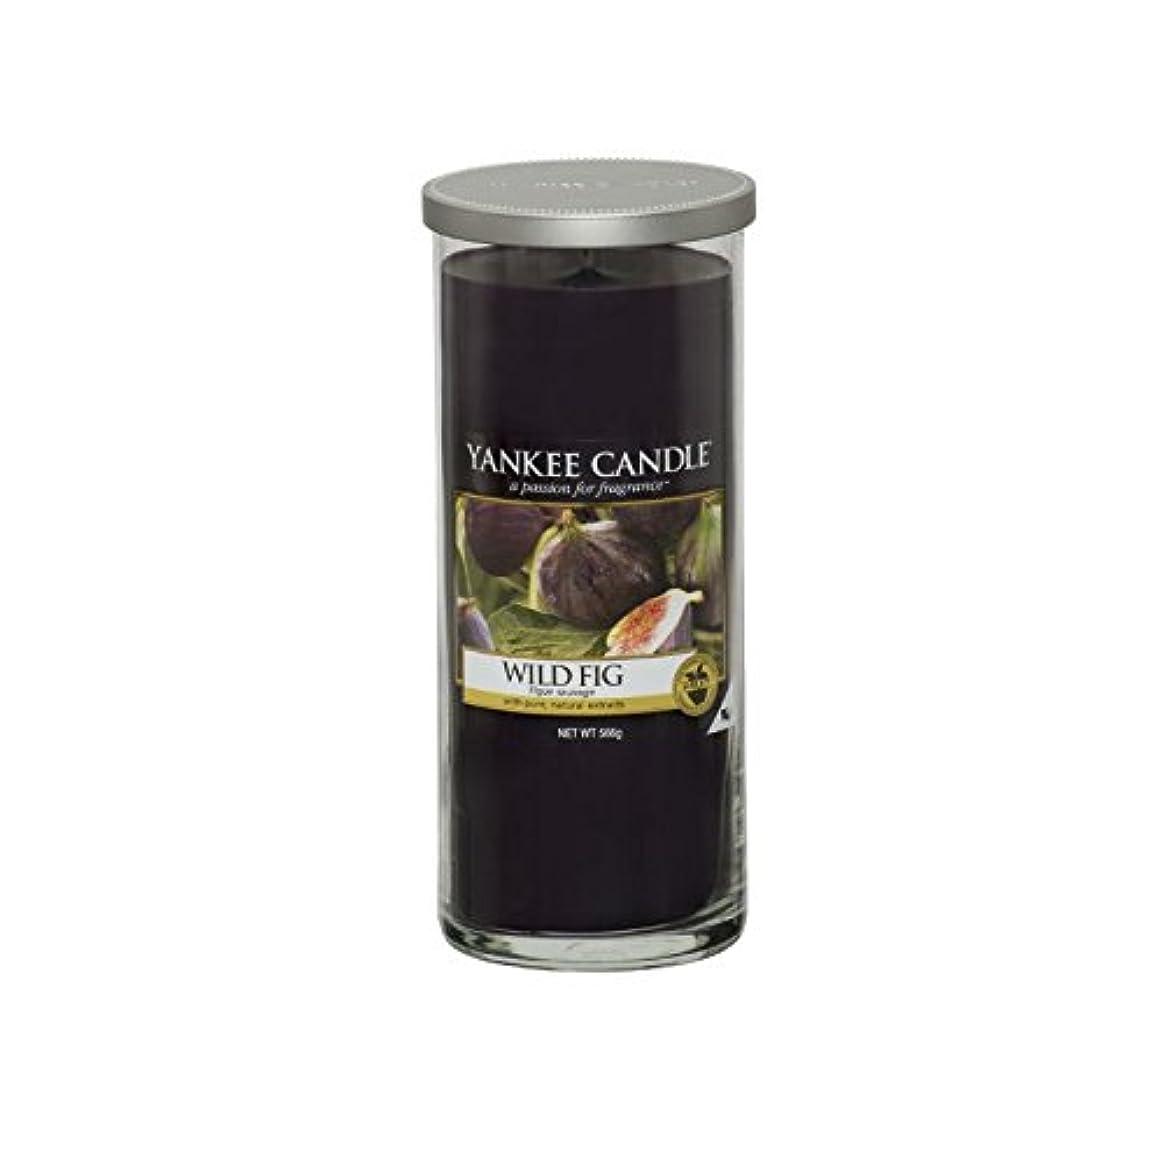 うそつき提出する計算するヤンキーキャンドル大きな柱キャンドル - 野生のイチジク - Yankee Candles Large Pillar Candle - Wild Fig (Yankee Candles) [並行輸入品]